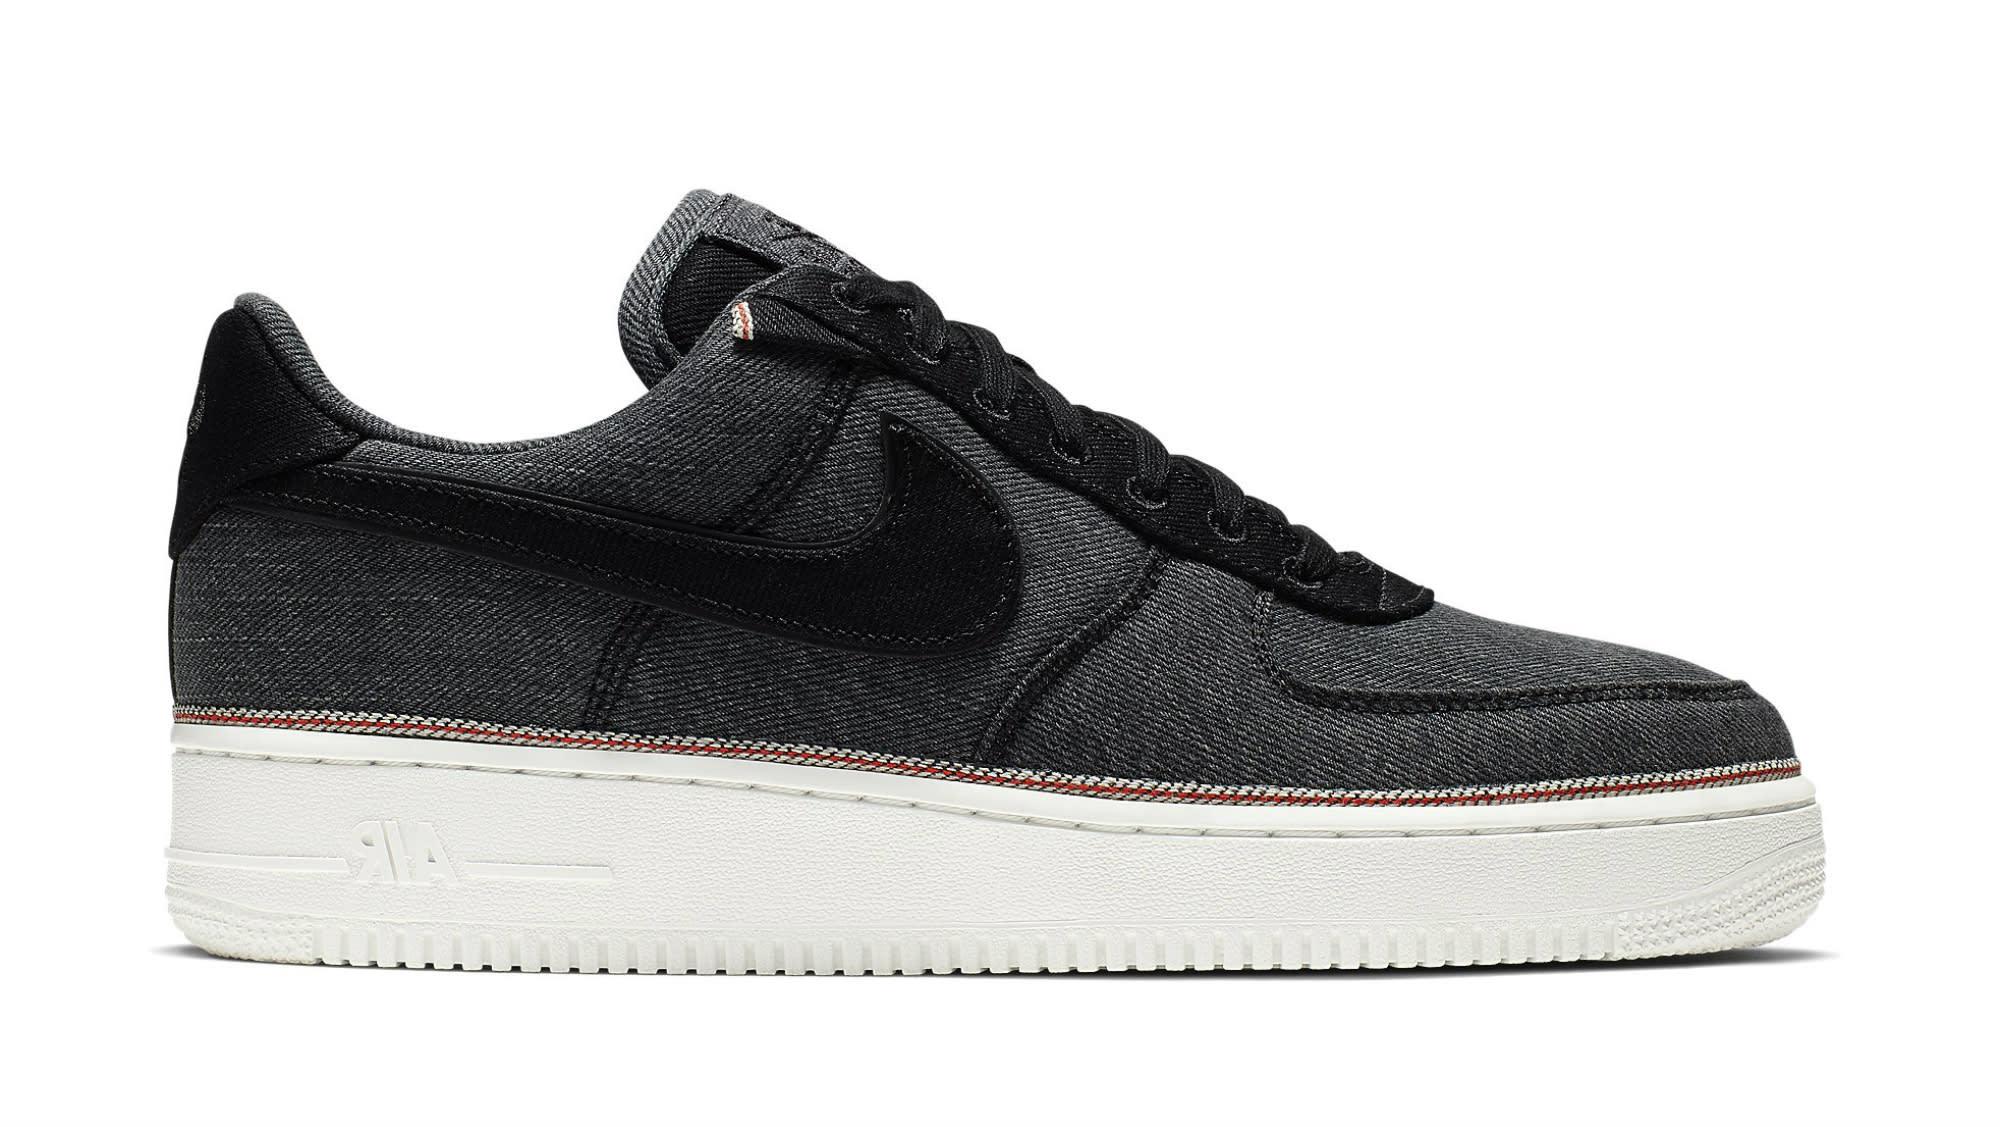 Sneaker Release Guide 52119 | Complex